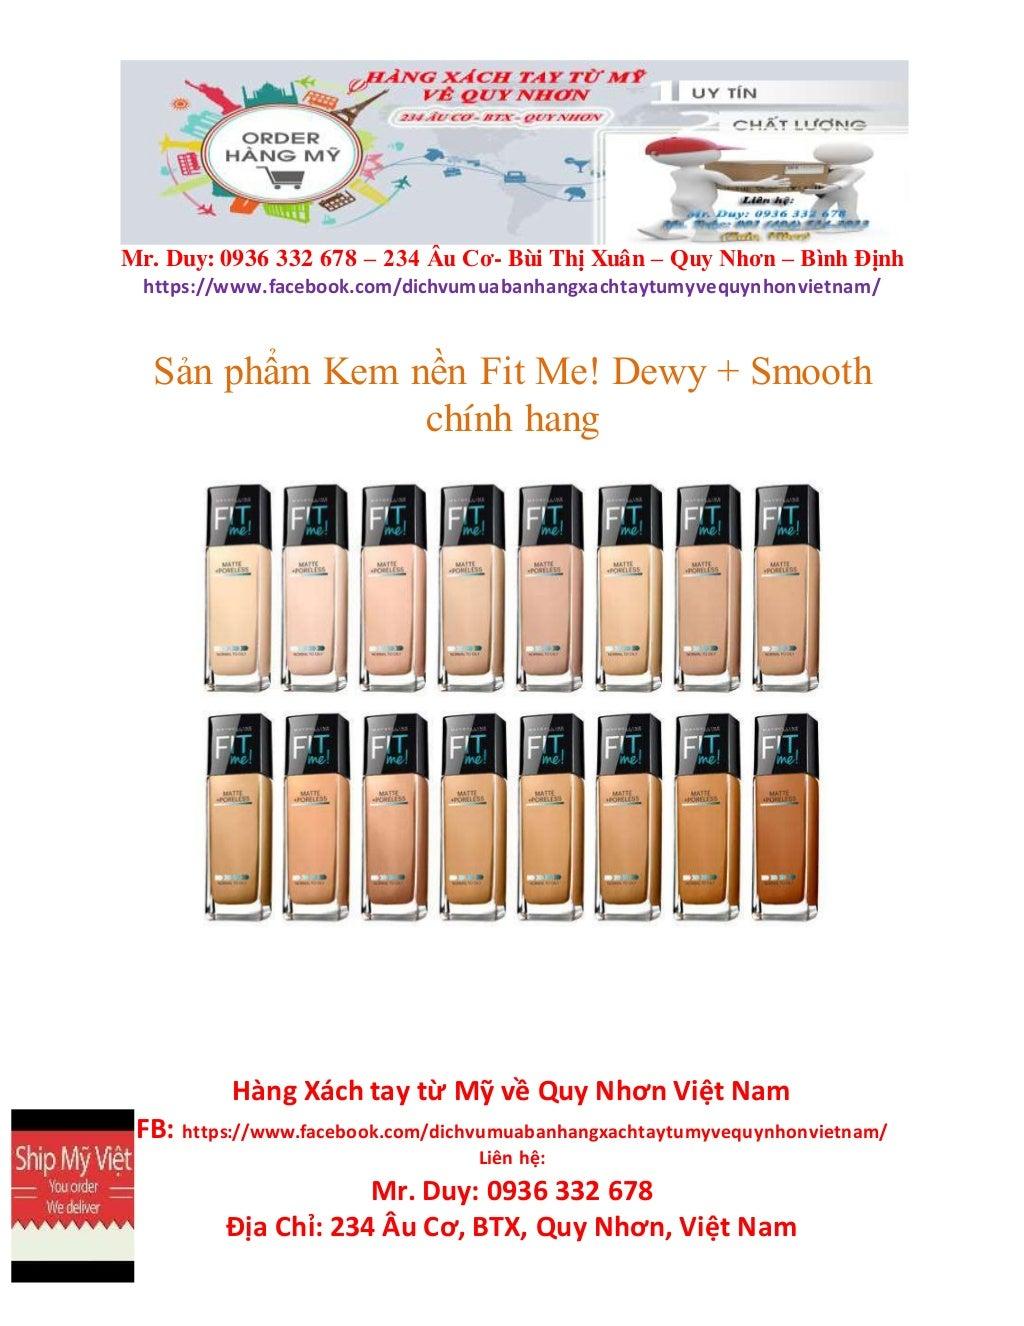 Nhận đặt thuốc bổ xách tay về Quy Nhơn chuyên nghiệp - Magazine cover